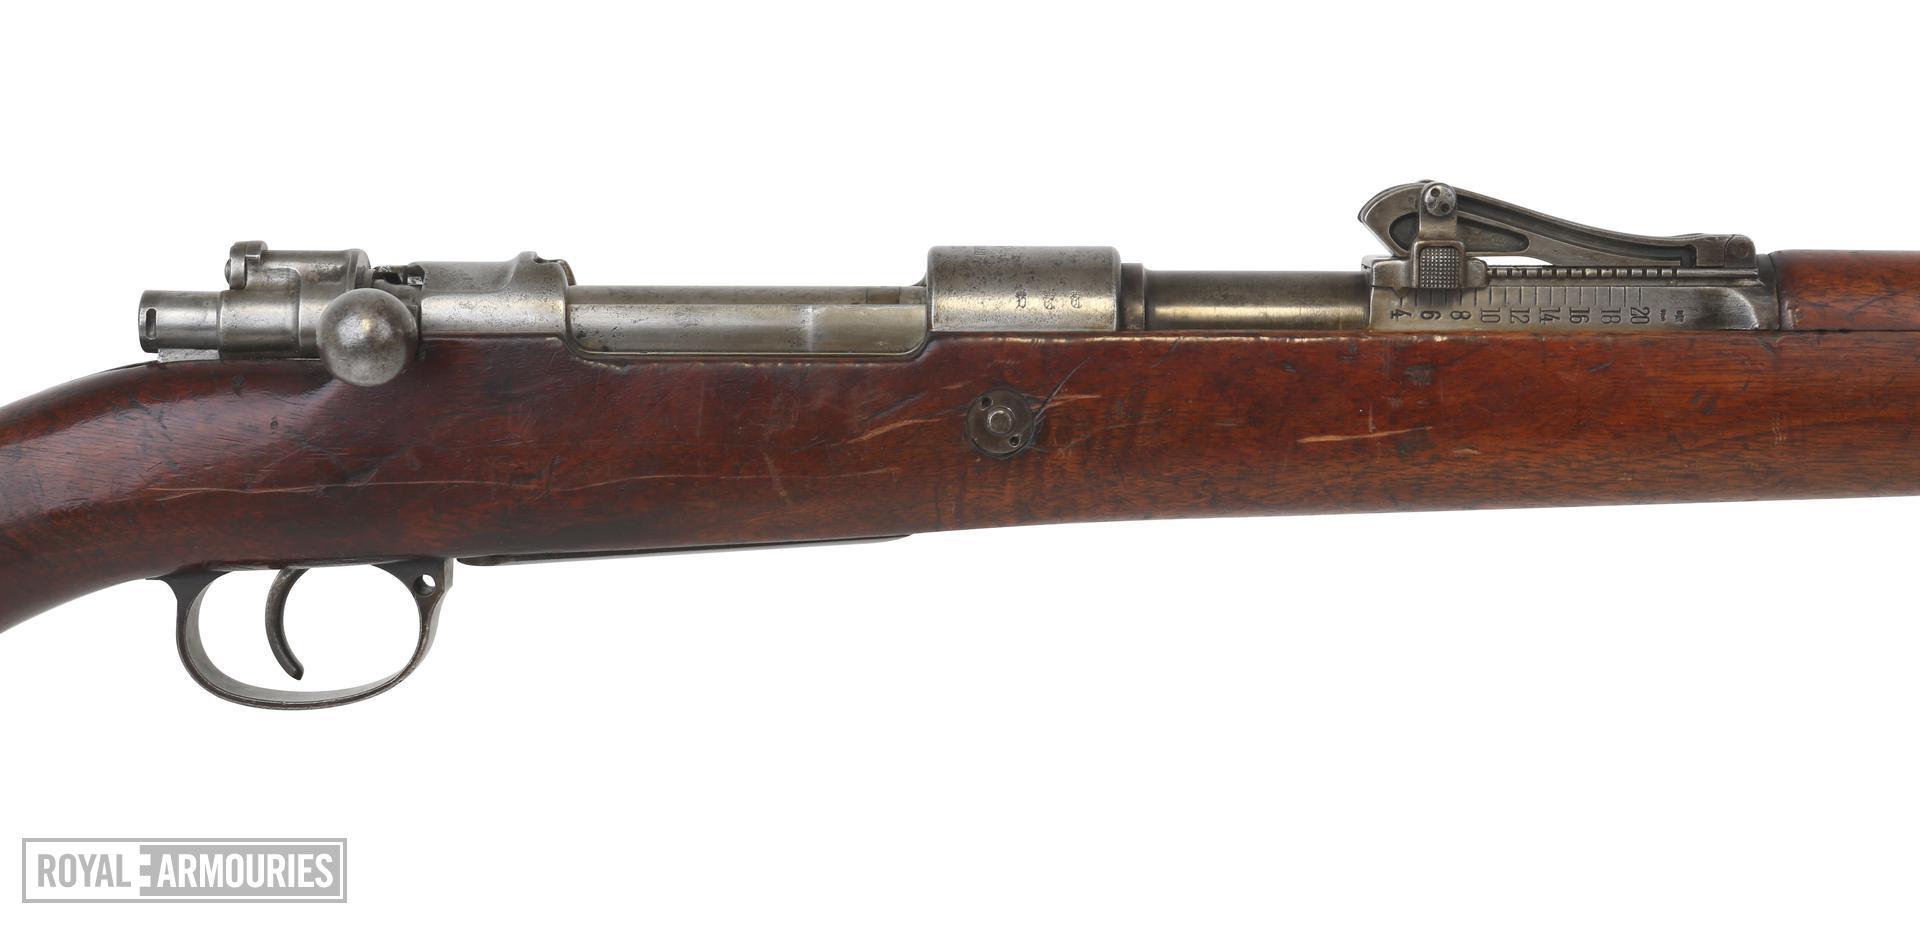 Mauser Gewehr 98 Centrefire bolt-action magazine military rifle. PR.612